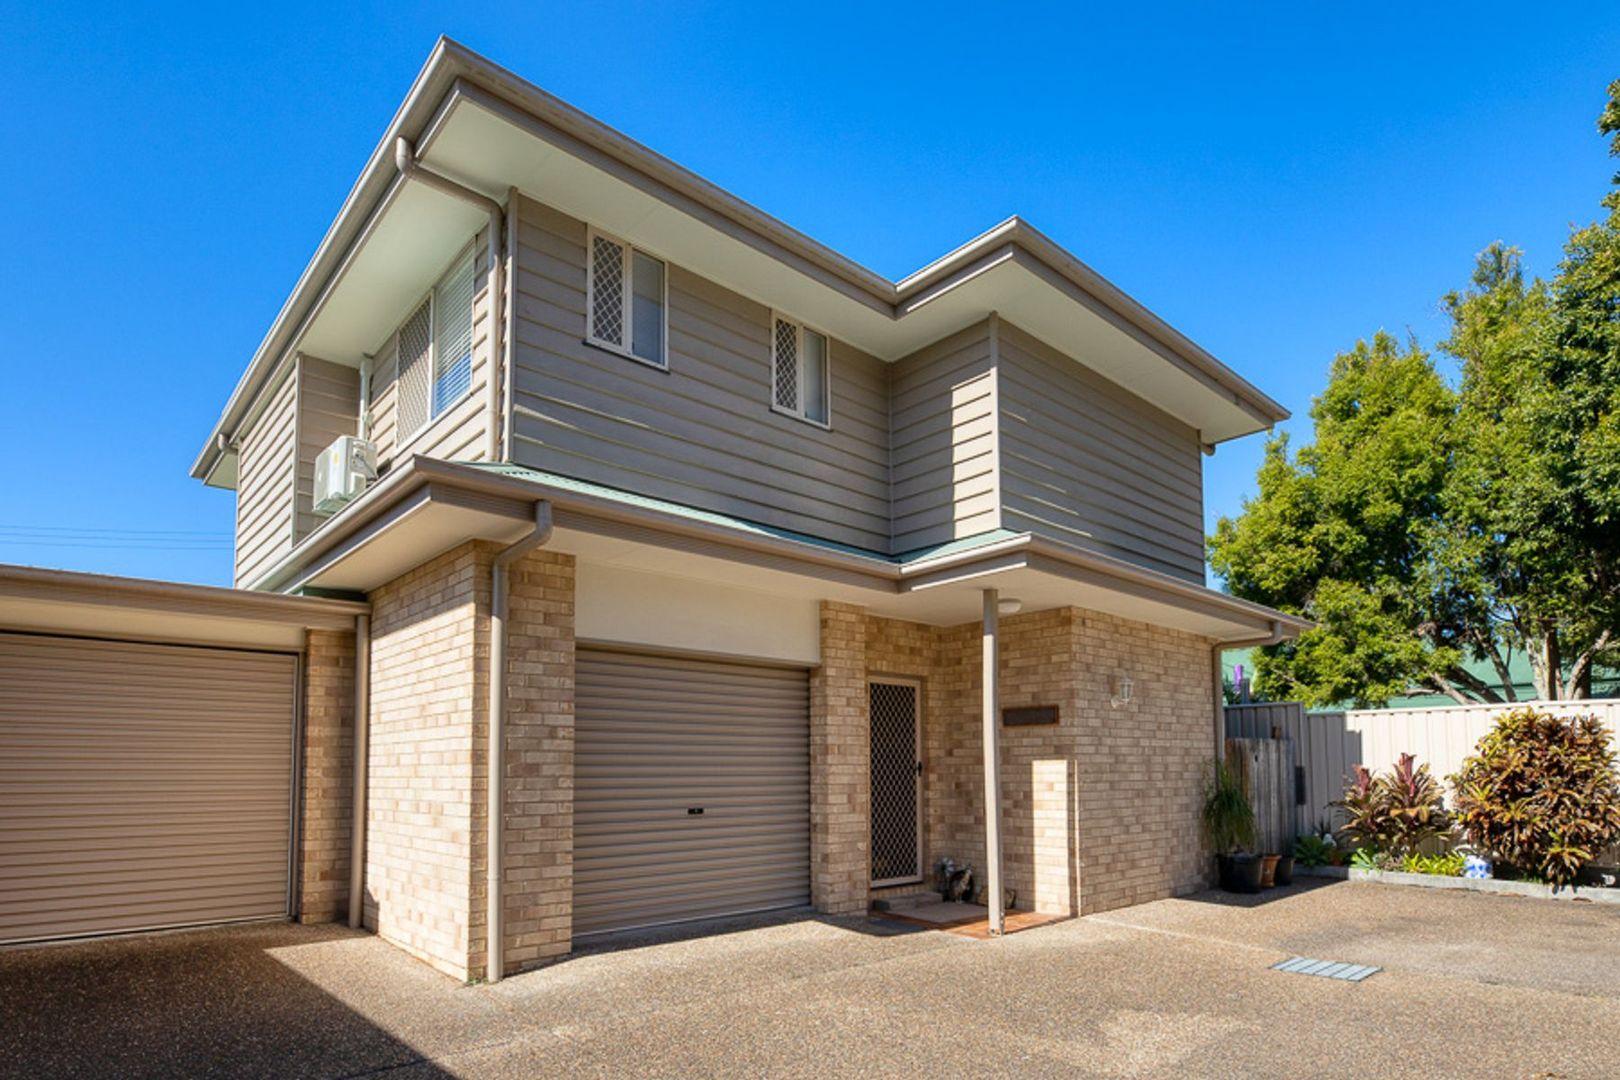 4/12 Fourth Avenue, Bongaree QLD 4507, Image 1